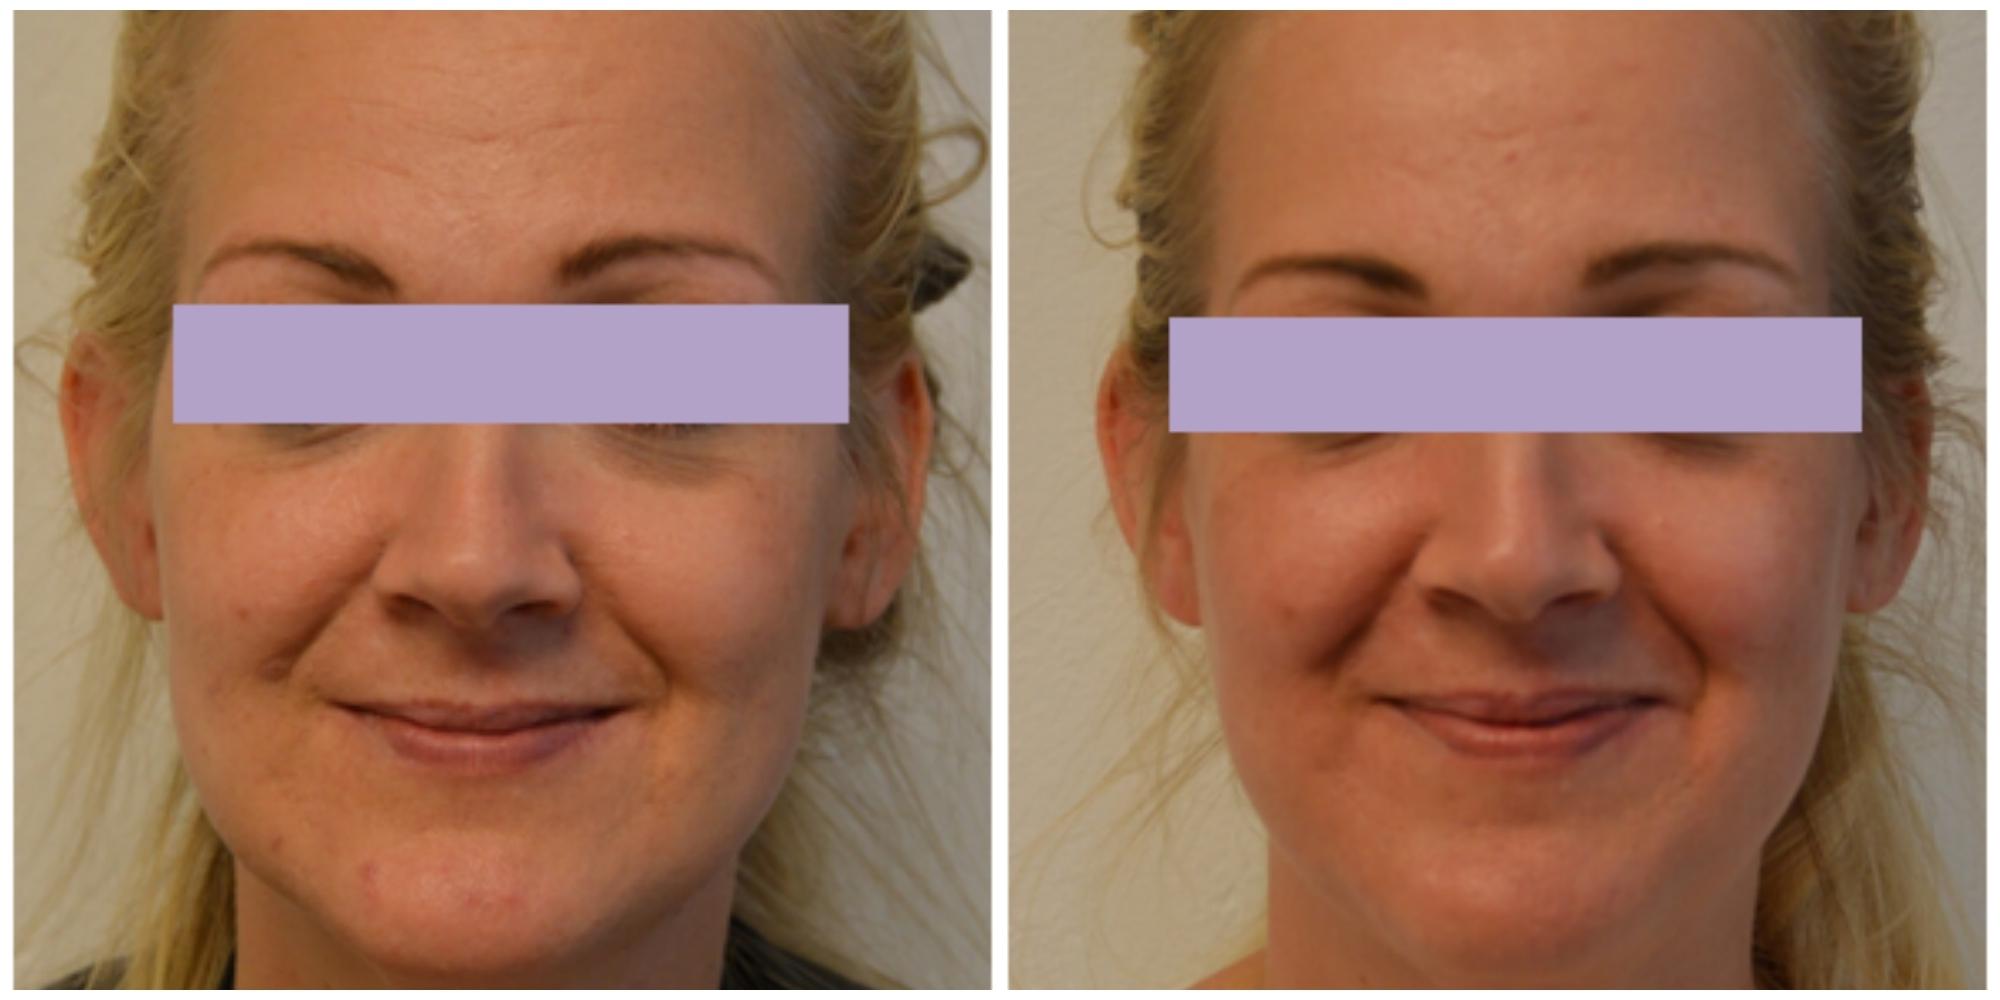 behandling med laser ger slätare hud